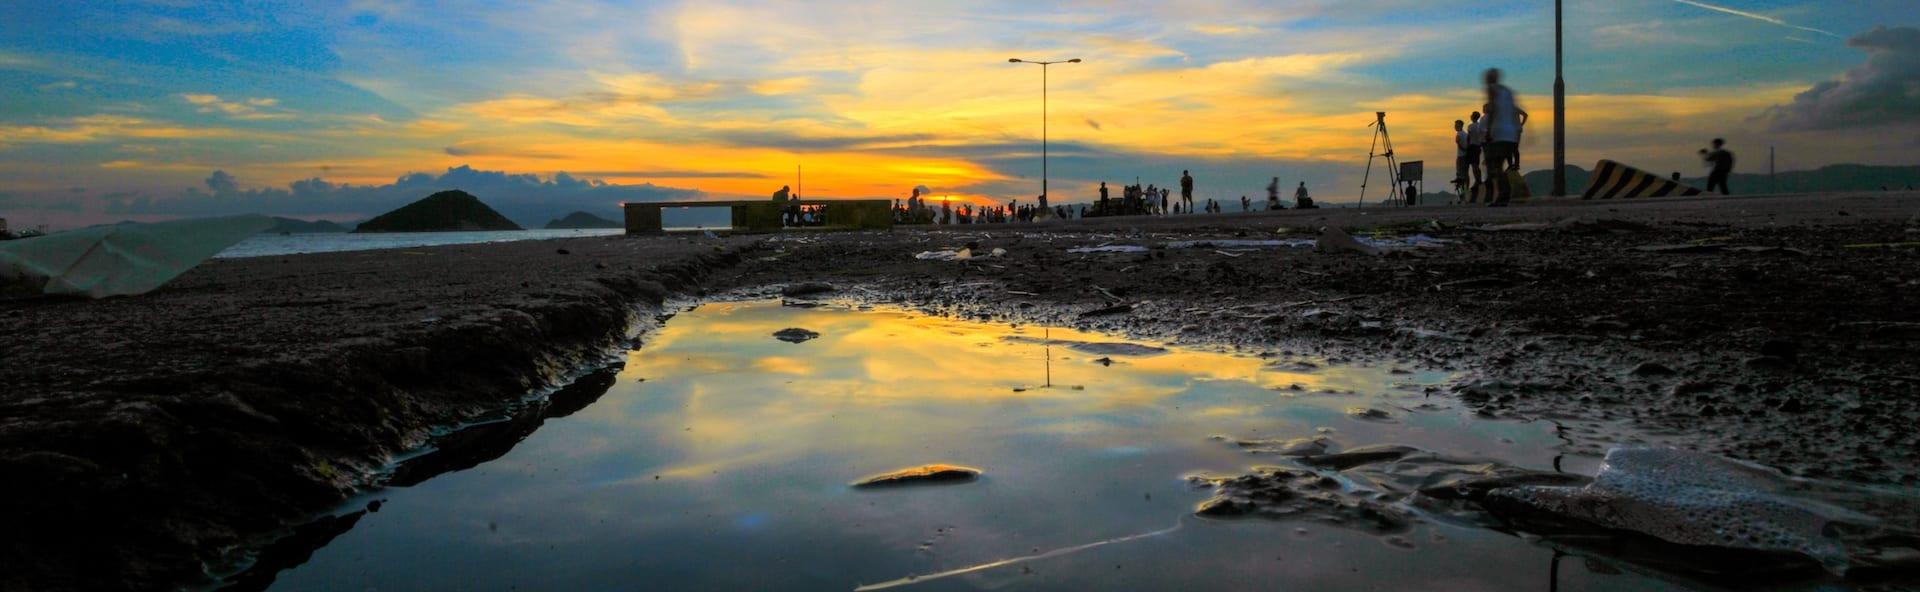 雨後黃昏時分,是拍攝天空之鏡的最佳時機。(圖片來源:維基共享/Man Ng,CC BY 2.0)